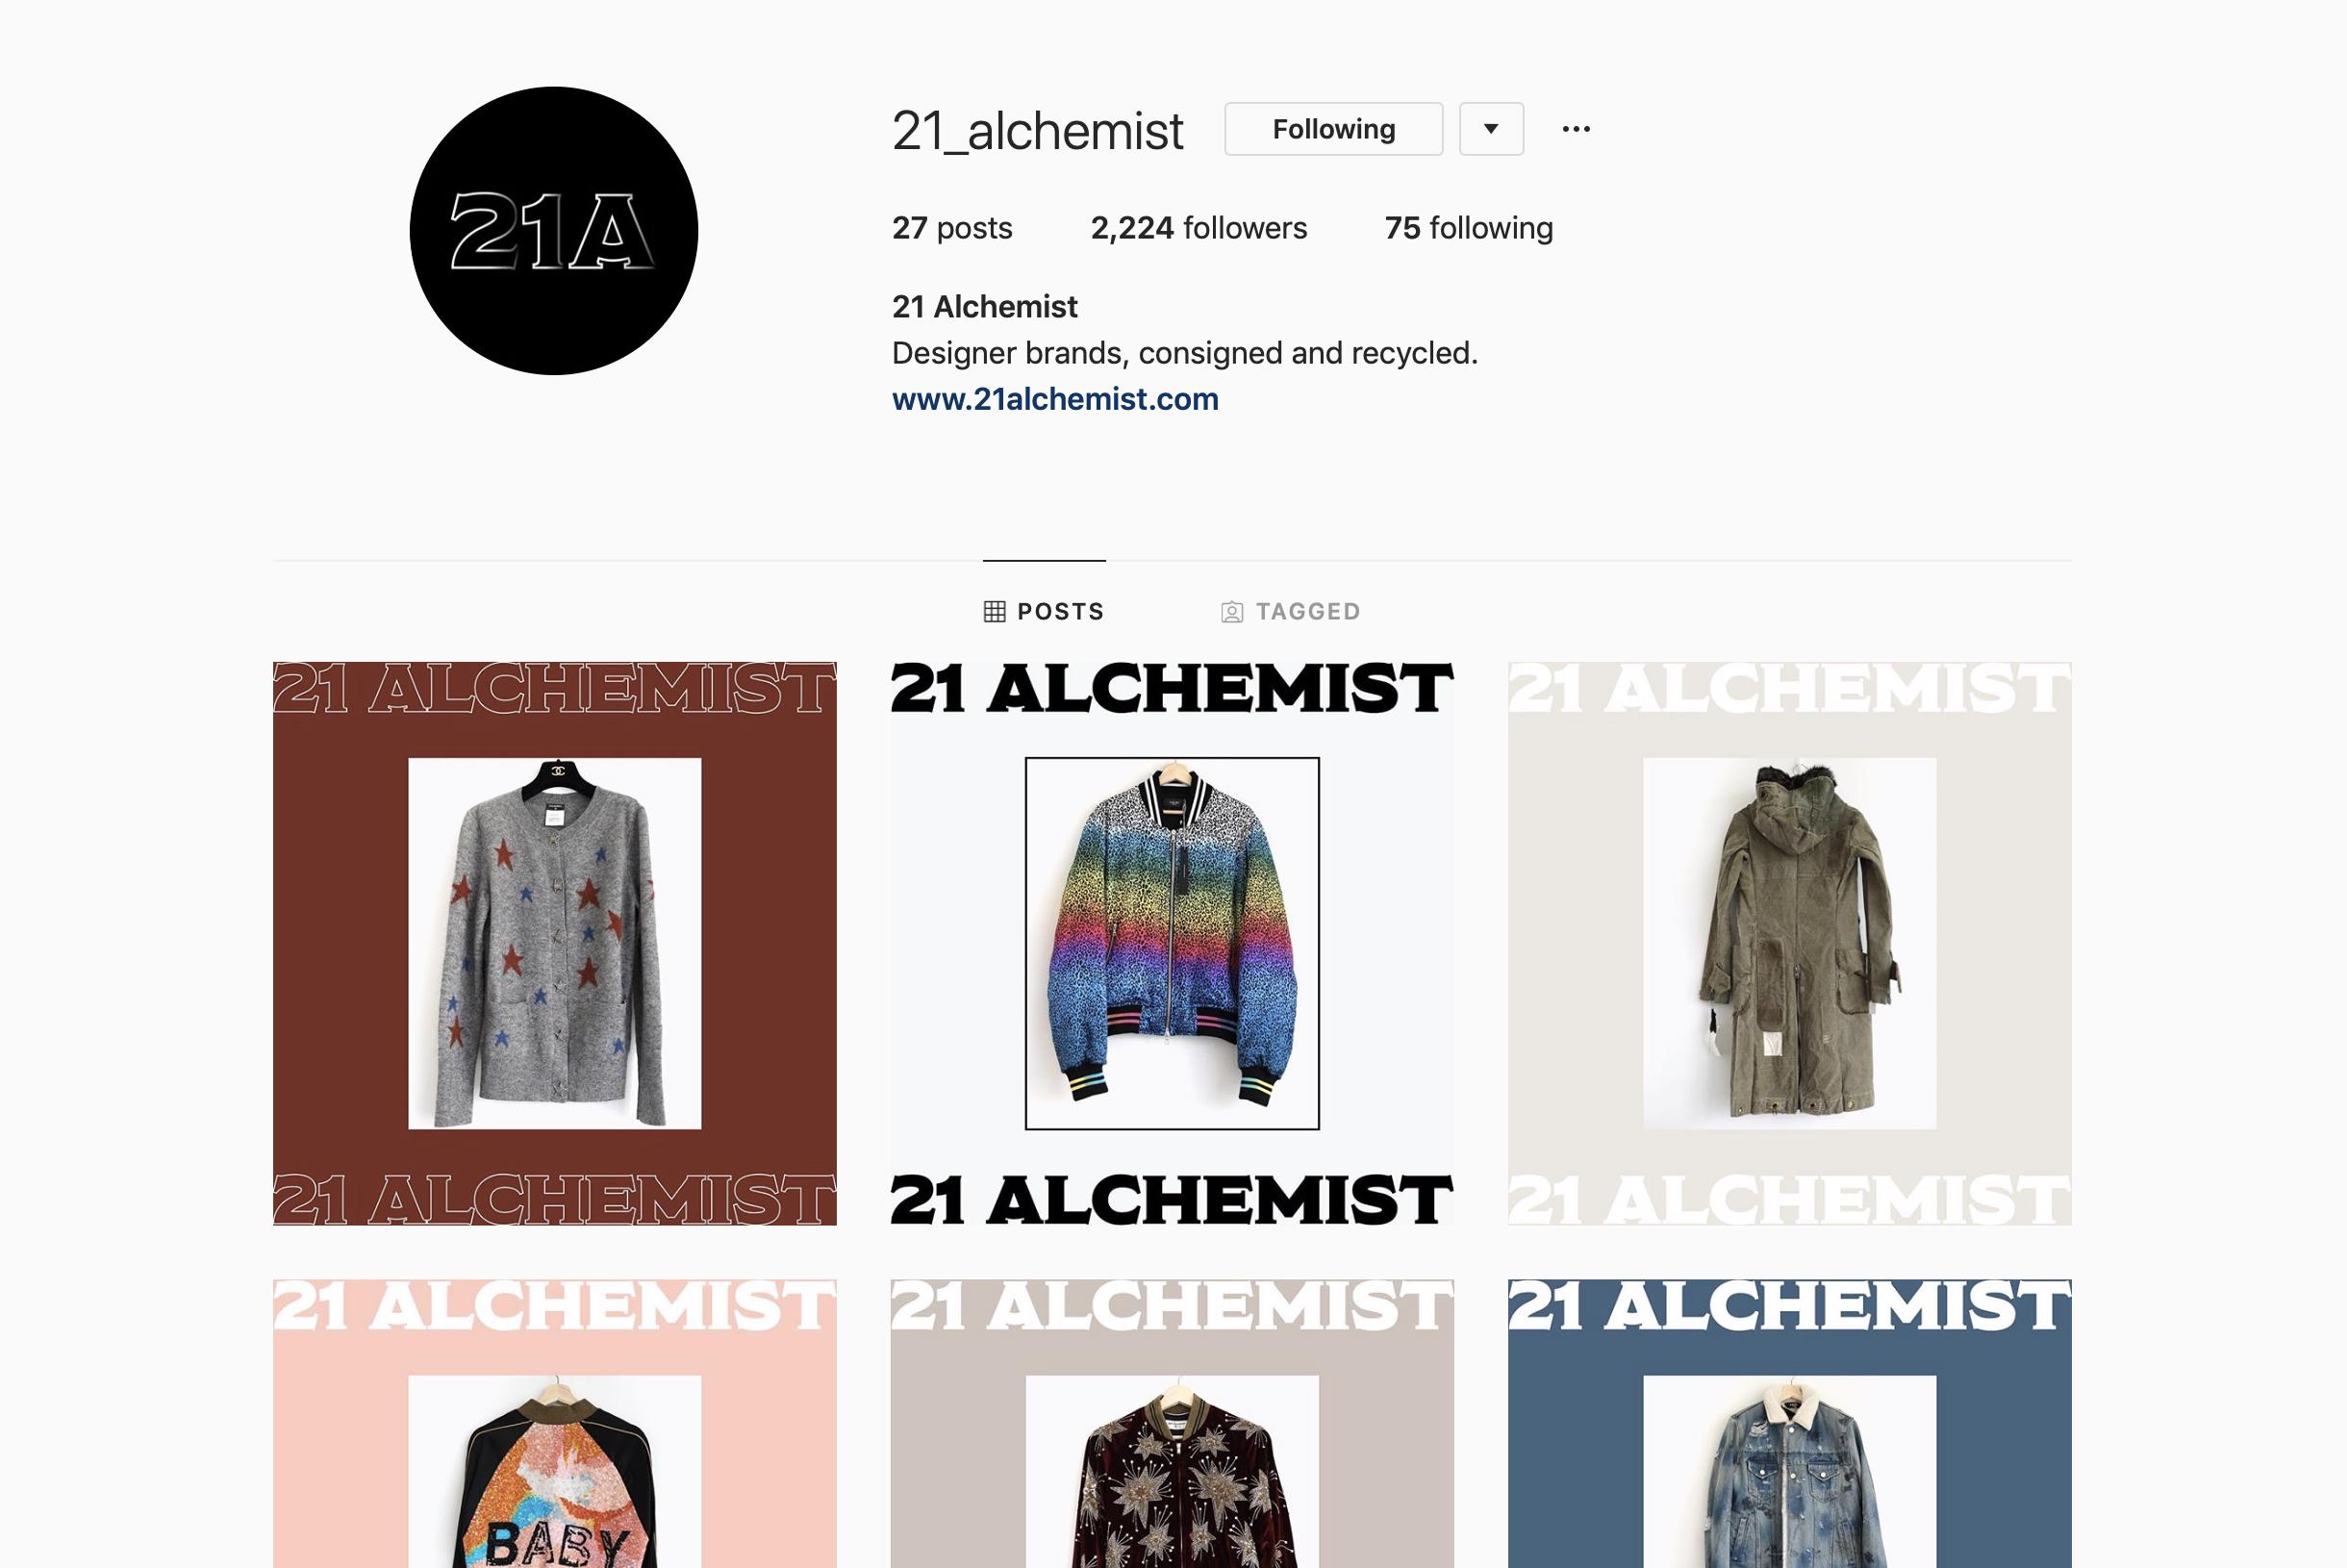 21 Alchemist Instagram page.